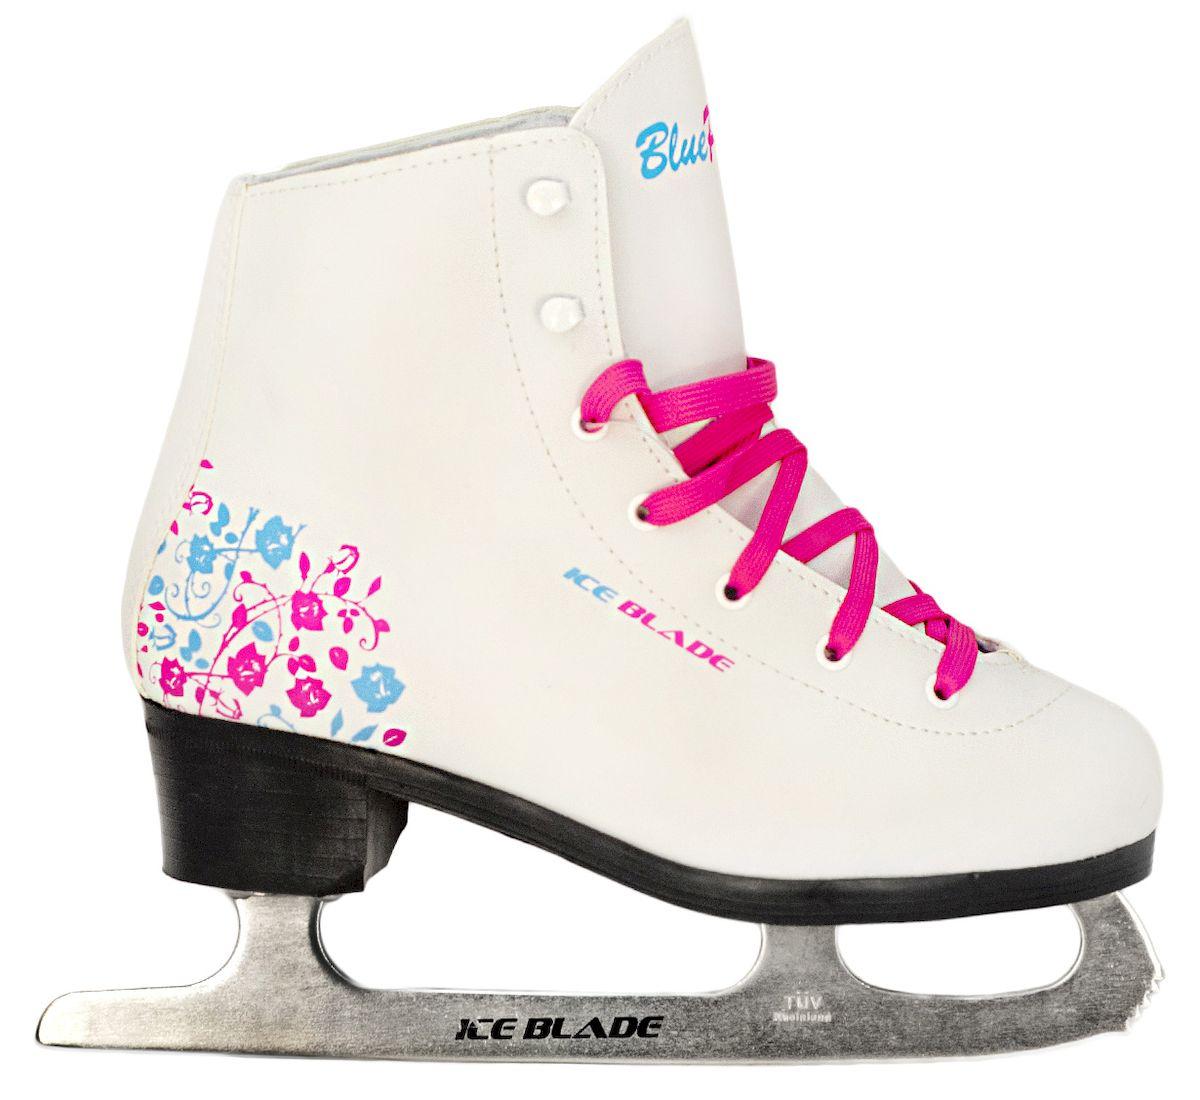 Коньки фигурные Ice Blade BluePink, цвет: белый, розовый, голубой. УТ-00006869. Размер 39CK Ladies Lux 2012-2013 White TricotКоньки фигурные Ice Blade BluePink предназначены для любительского фигурного катания. Яркий и нестандартный дизайн модели BluePink совмещает голубой и розовый цвет. Более того, в комплекте помимо розовых шнурков идет пара голубых, пусть каждая любительница катания на коньках выберет для себя, какой цвет ей больше по душе.Ботинок анатомической конструкции выполнен из высококачественной искусственной кожи, покрытой полиуретаном, защищающим от влаги. Внутренняя набивка из специального материала, комфортно адаптирующегося к форме ноги. Внутренняя отделка из мягкого вельвета.Лезвия изготовлены из высокоуглеродистой стали, сертифицированной TUV Rheiland. Коньки поставляются с заводской заточкой лезвия, что позволяет сразу приступить к катанию, не тратя время и денег на заточку. Коньки подходят для использования на открытом и закрытом льду.